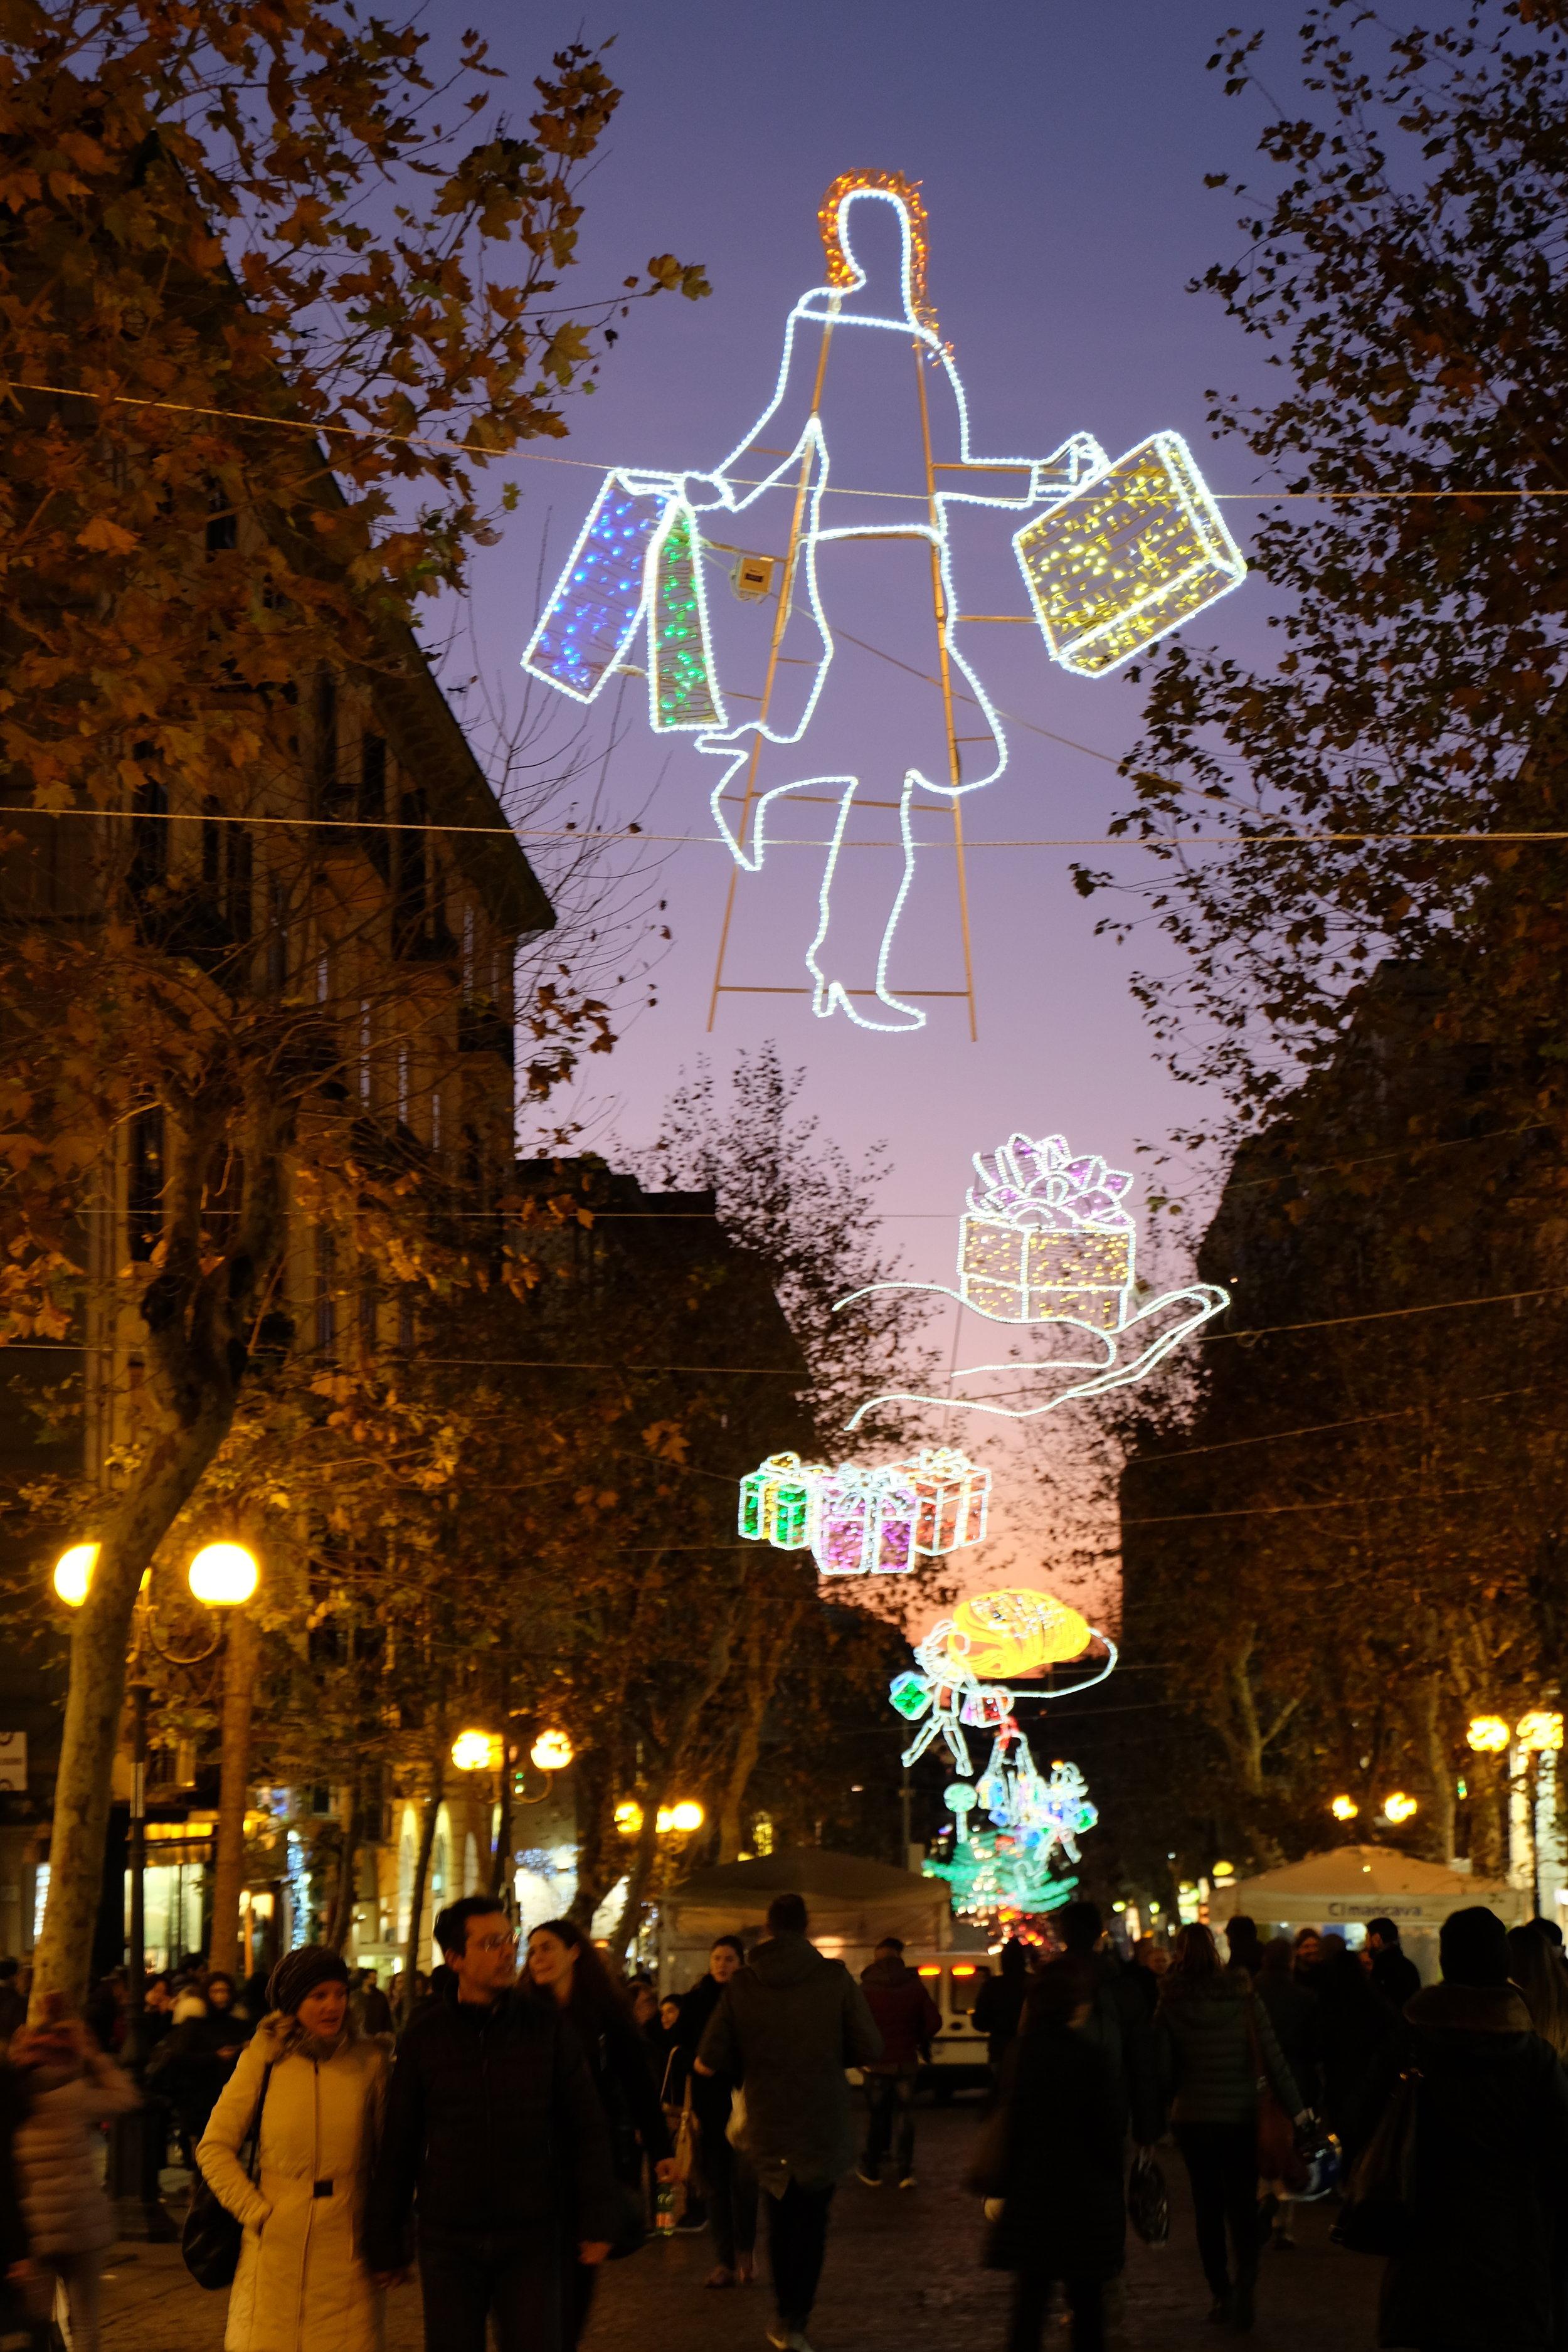 Shopping and lights in via Scarlatti, Vomero.